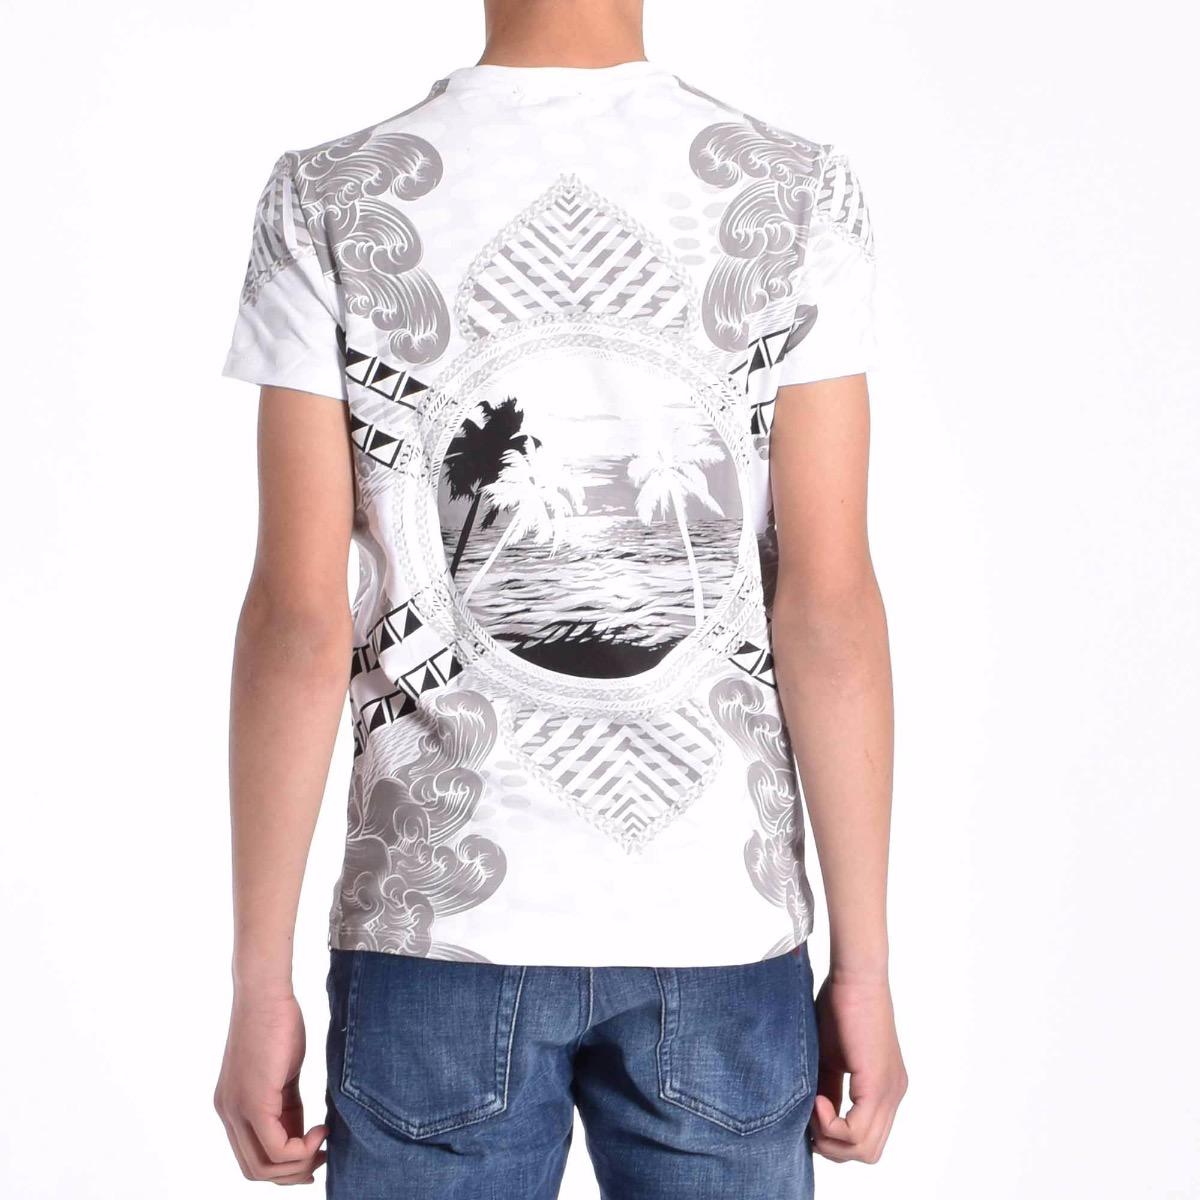 T-shirt disegni - Bianca